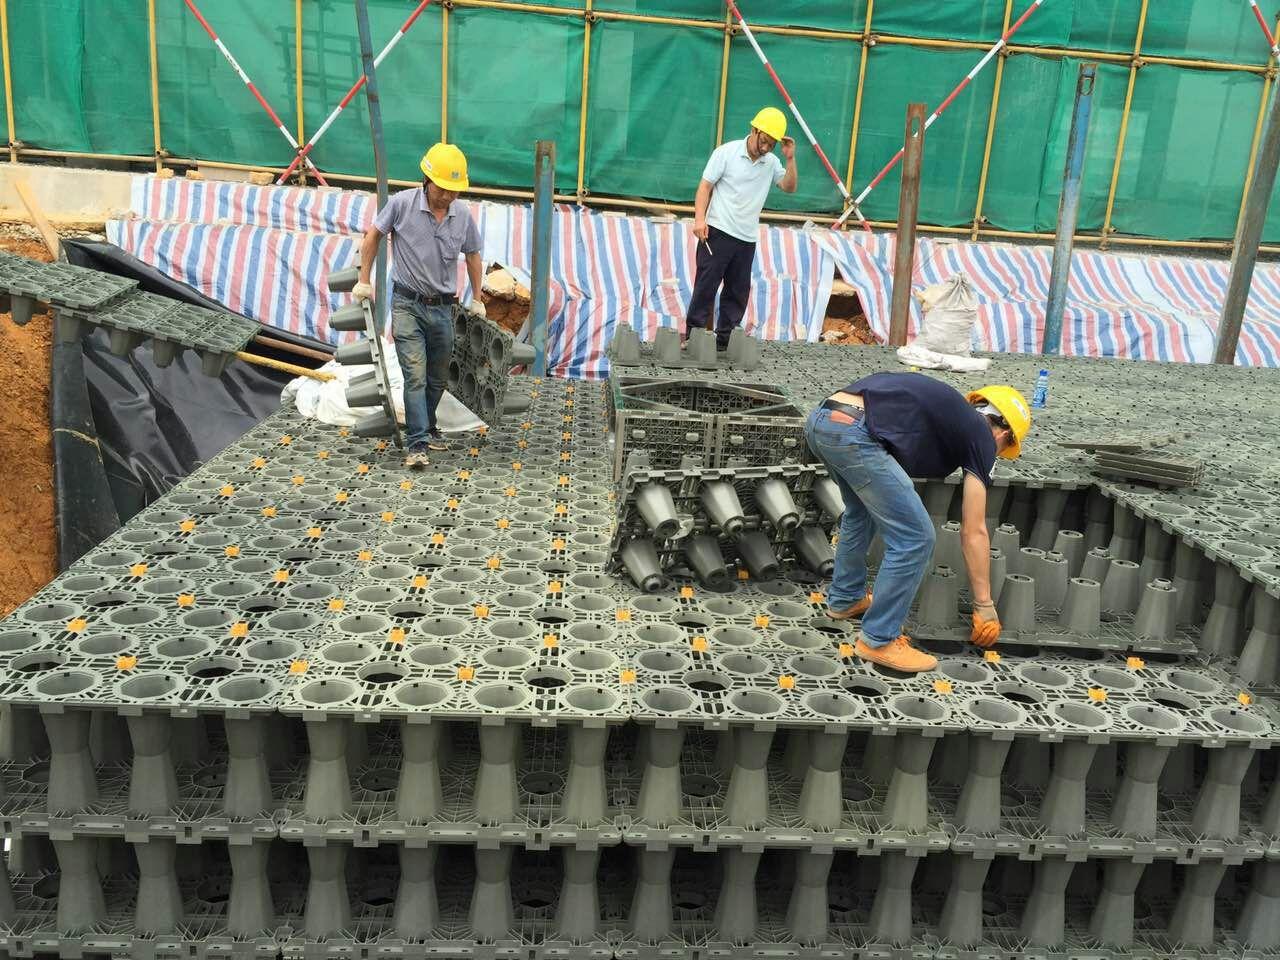 清遠市_廣場雨水收集模塊水池項目